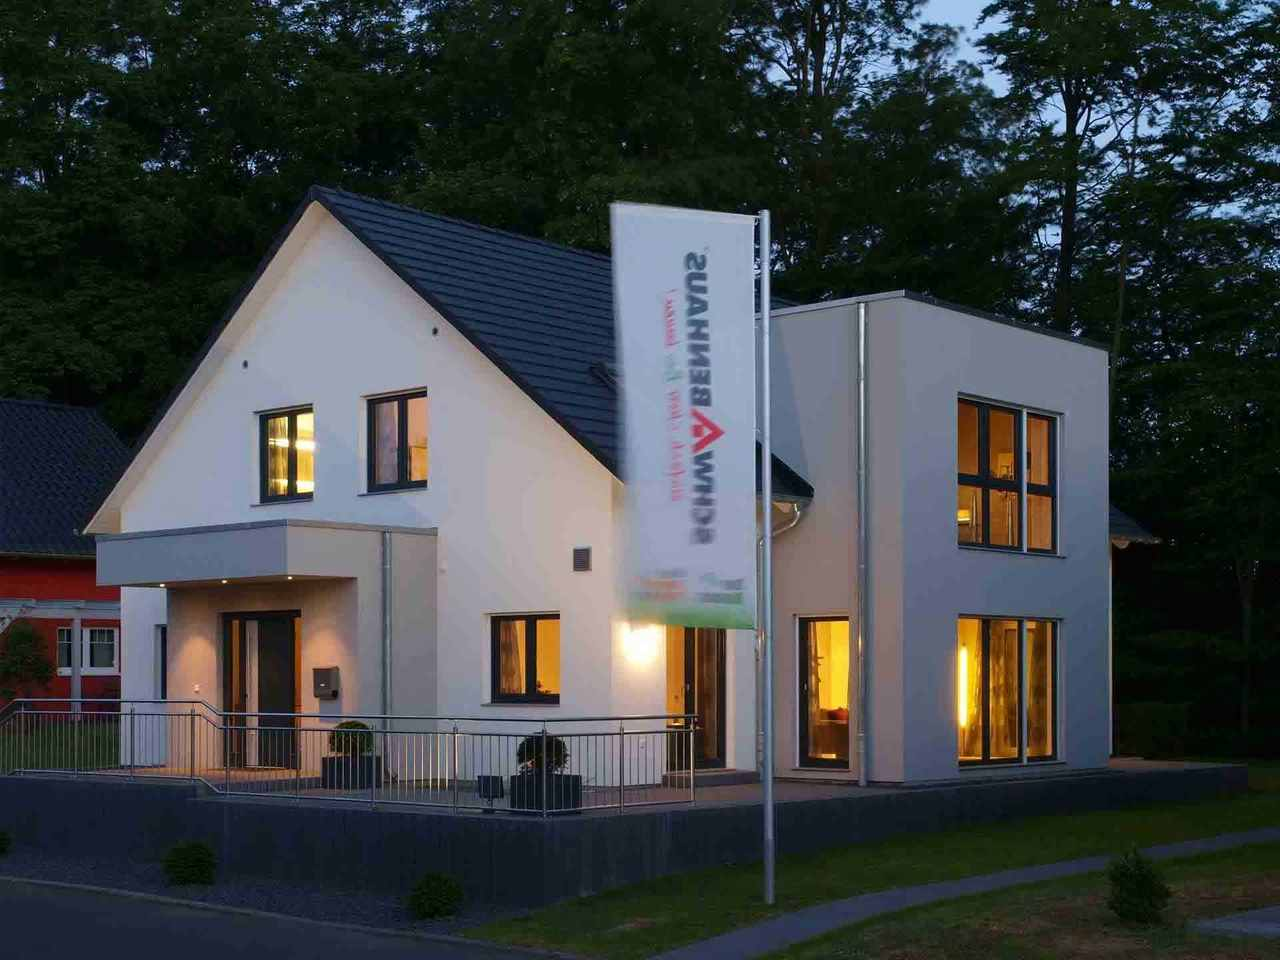 MusMusterhaus Bad Vilbel - Schwabenhaus Ansicht am Abend